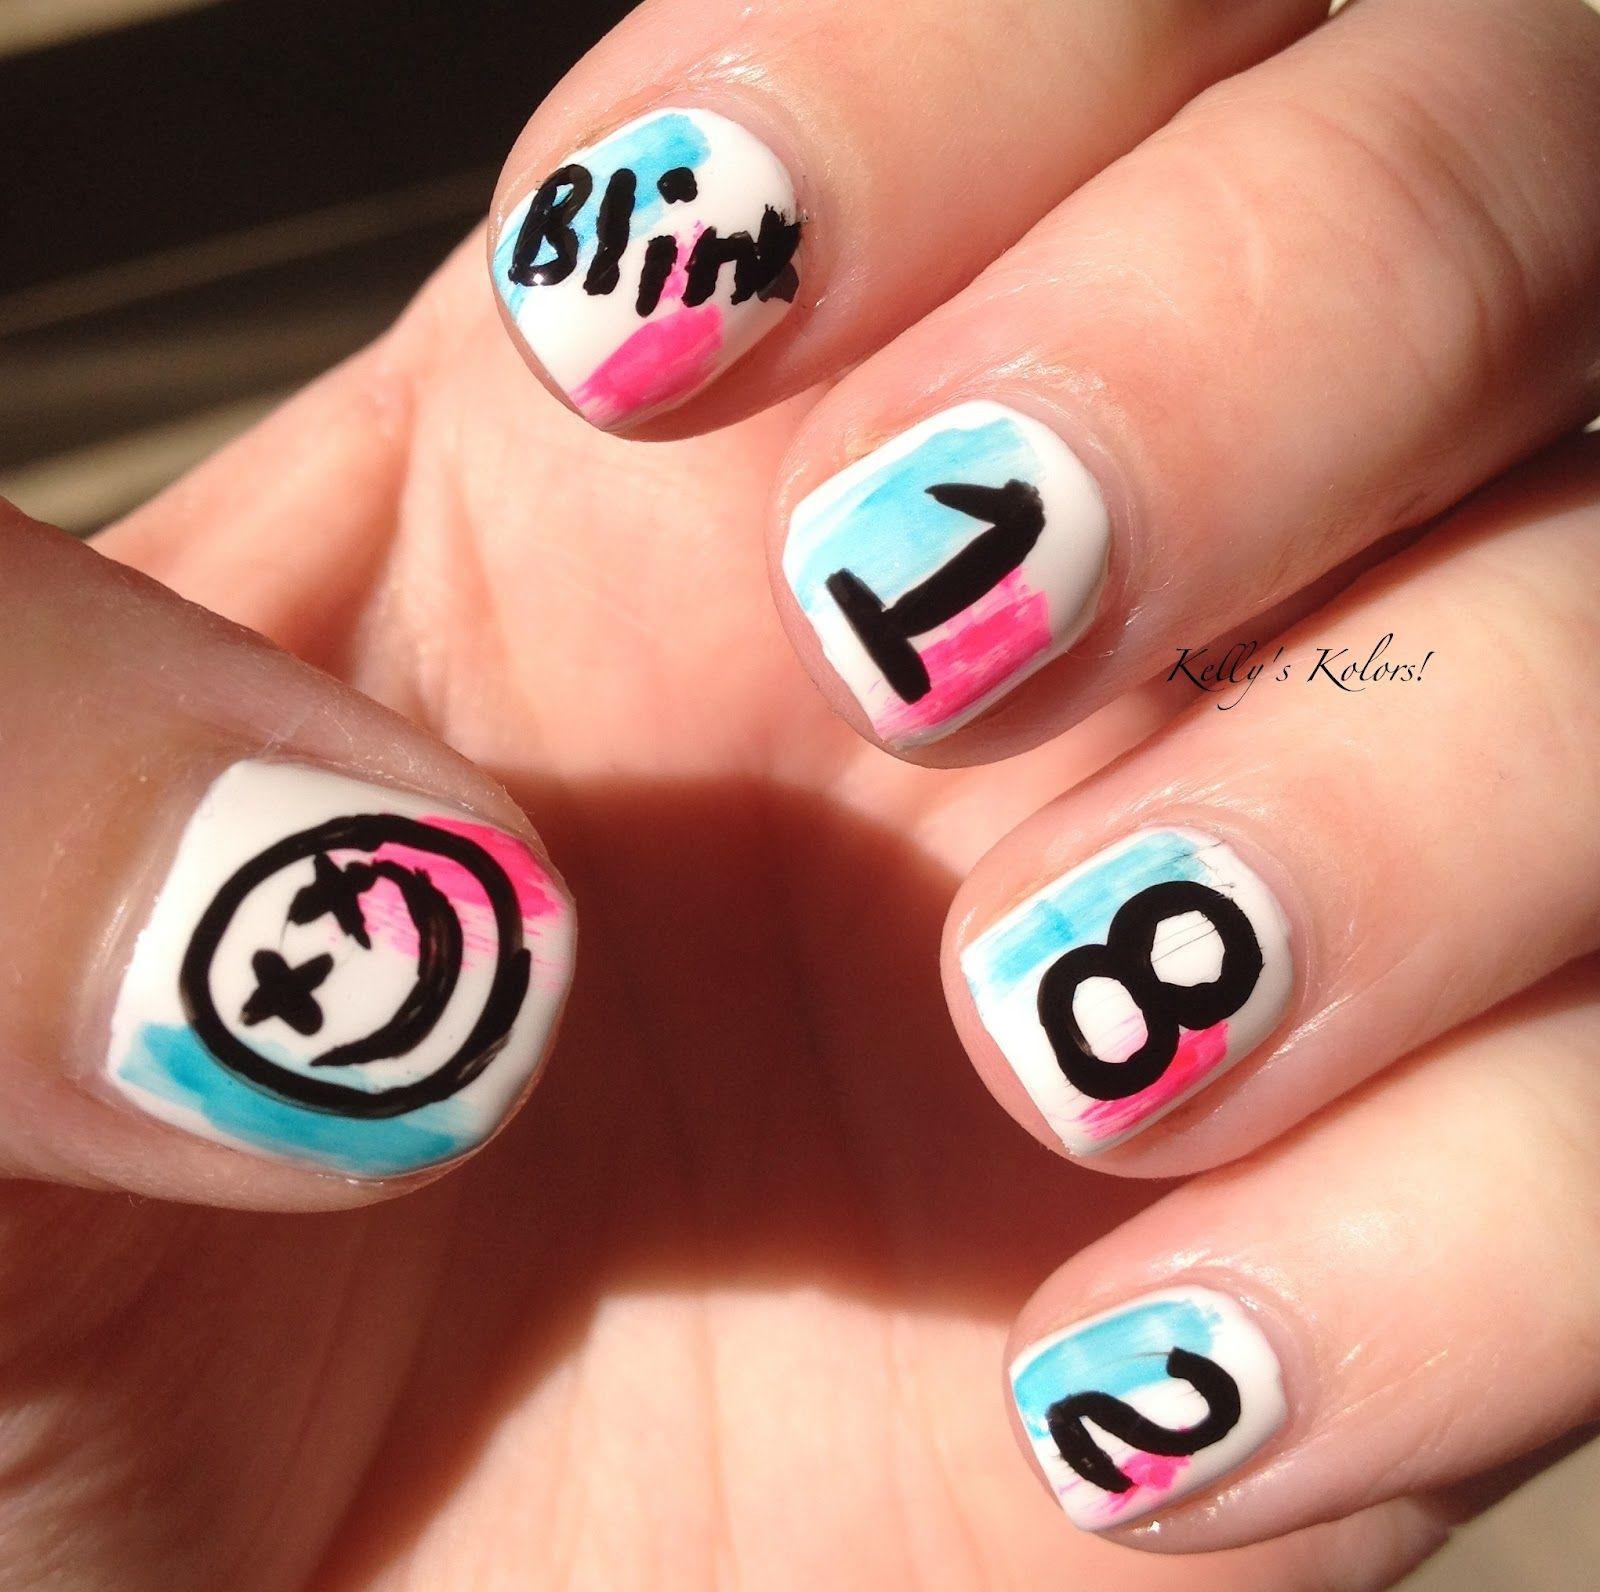 Blink 182 Nails